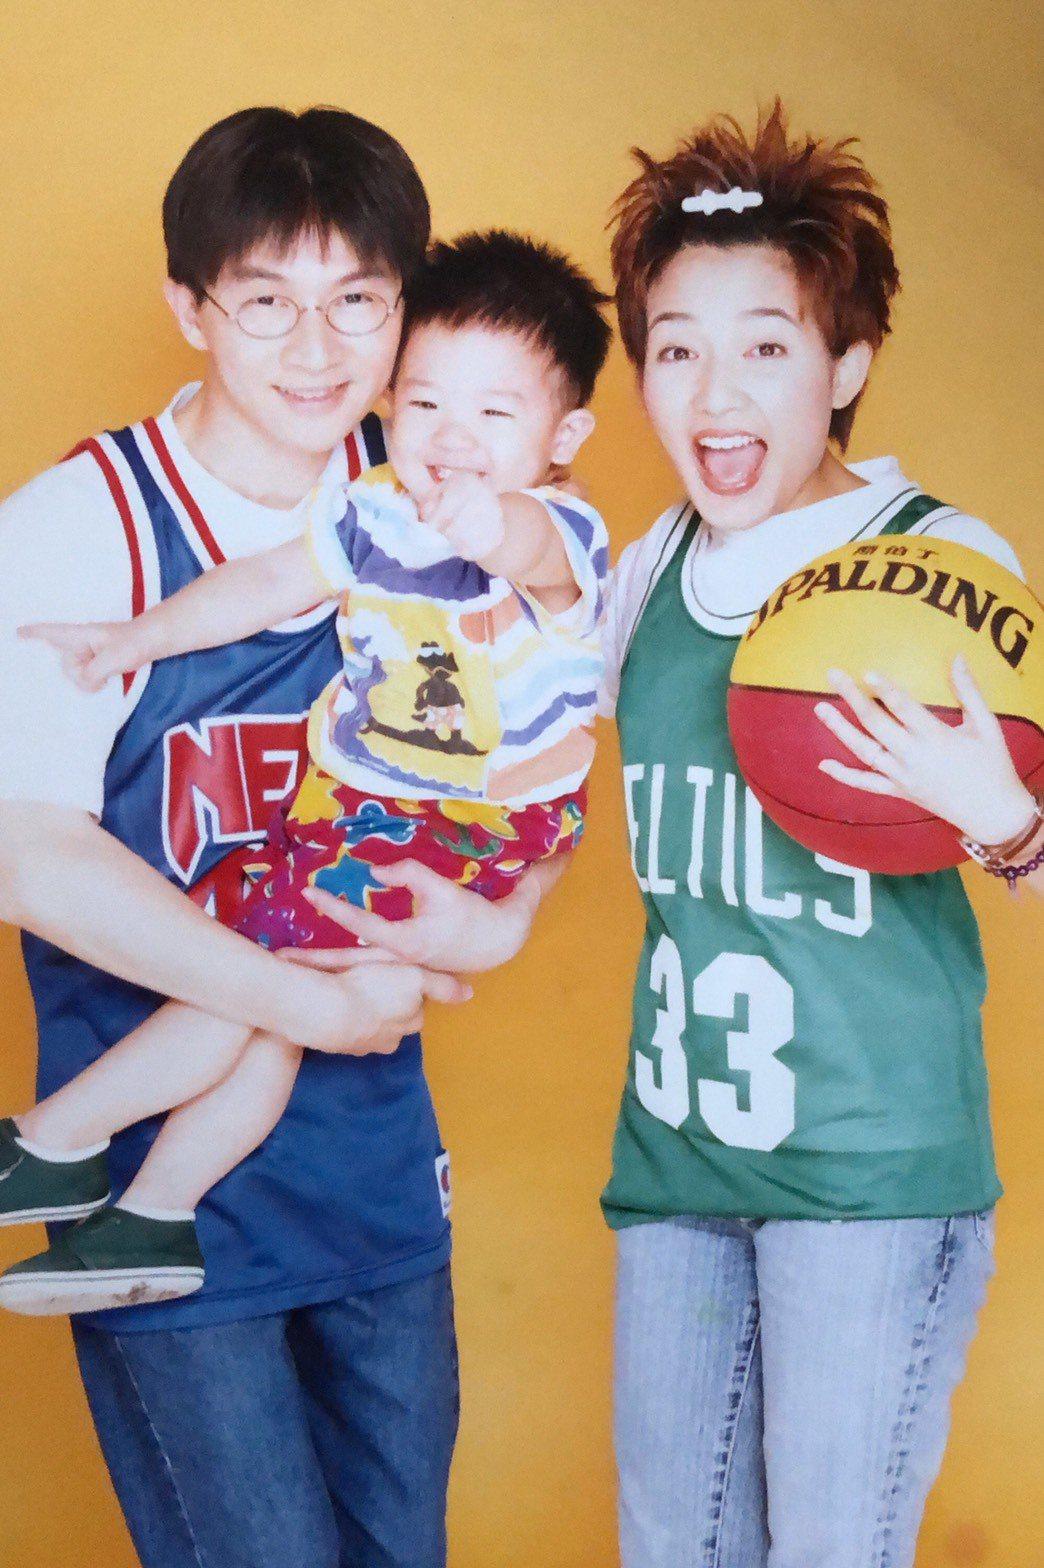 林隆璇(左起)抱著兒子林亭翰與范曉萱一起拍宣傳照。圖/青田音樂提供